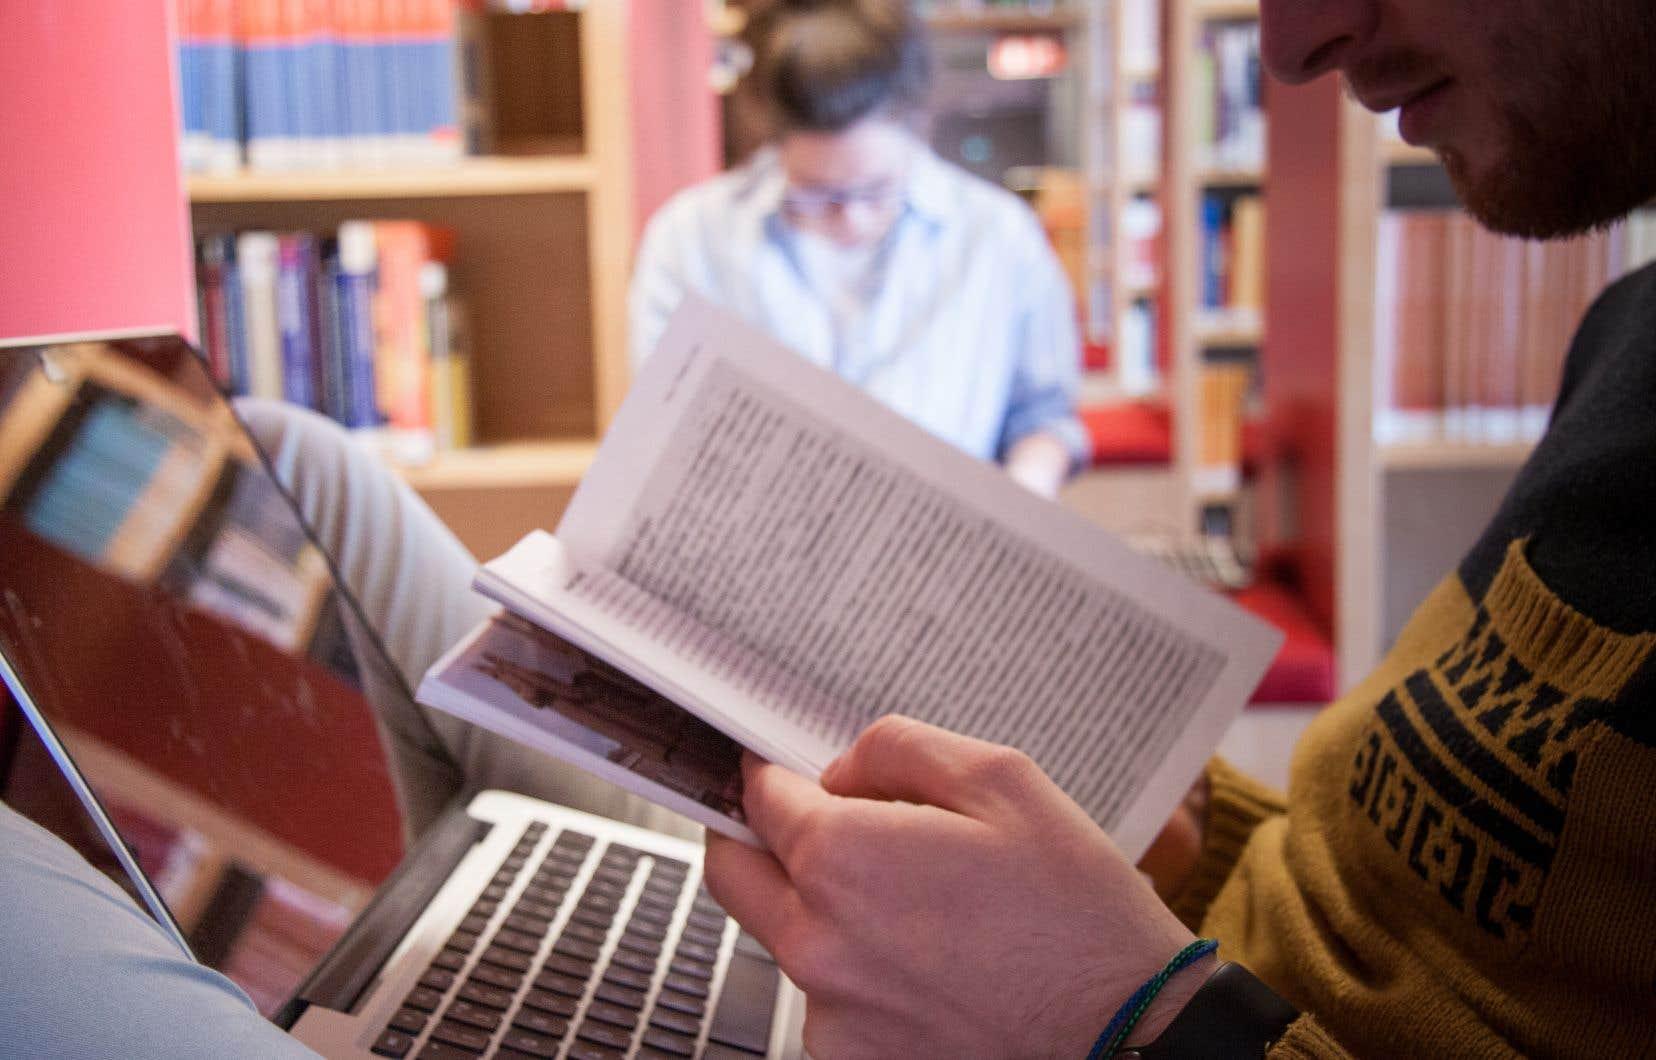 Depuis 2012,une modification à la Loi sur les droits d'auteur a permis d'établir qu'une utilisation «équitable» d'une oeuvre dans un contexte de recherche ou d'éducation «ne constitue pas une violation du droit d'auteur».